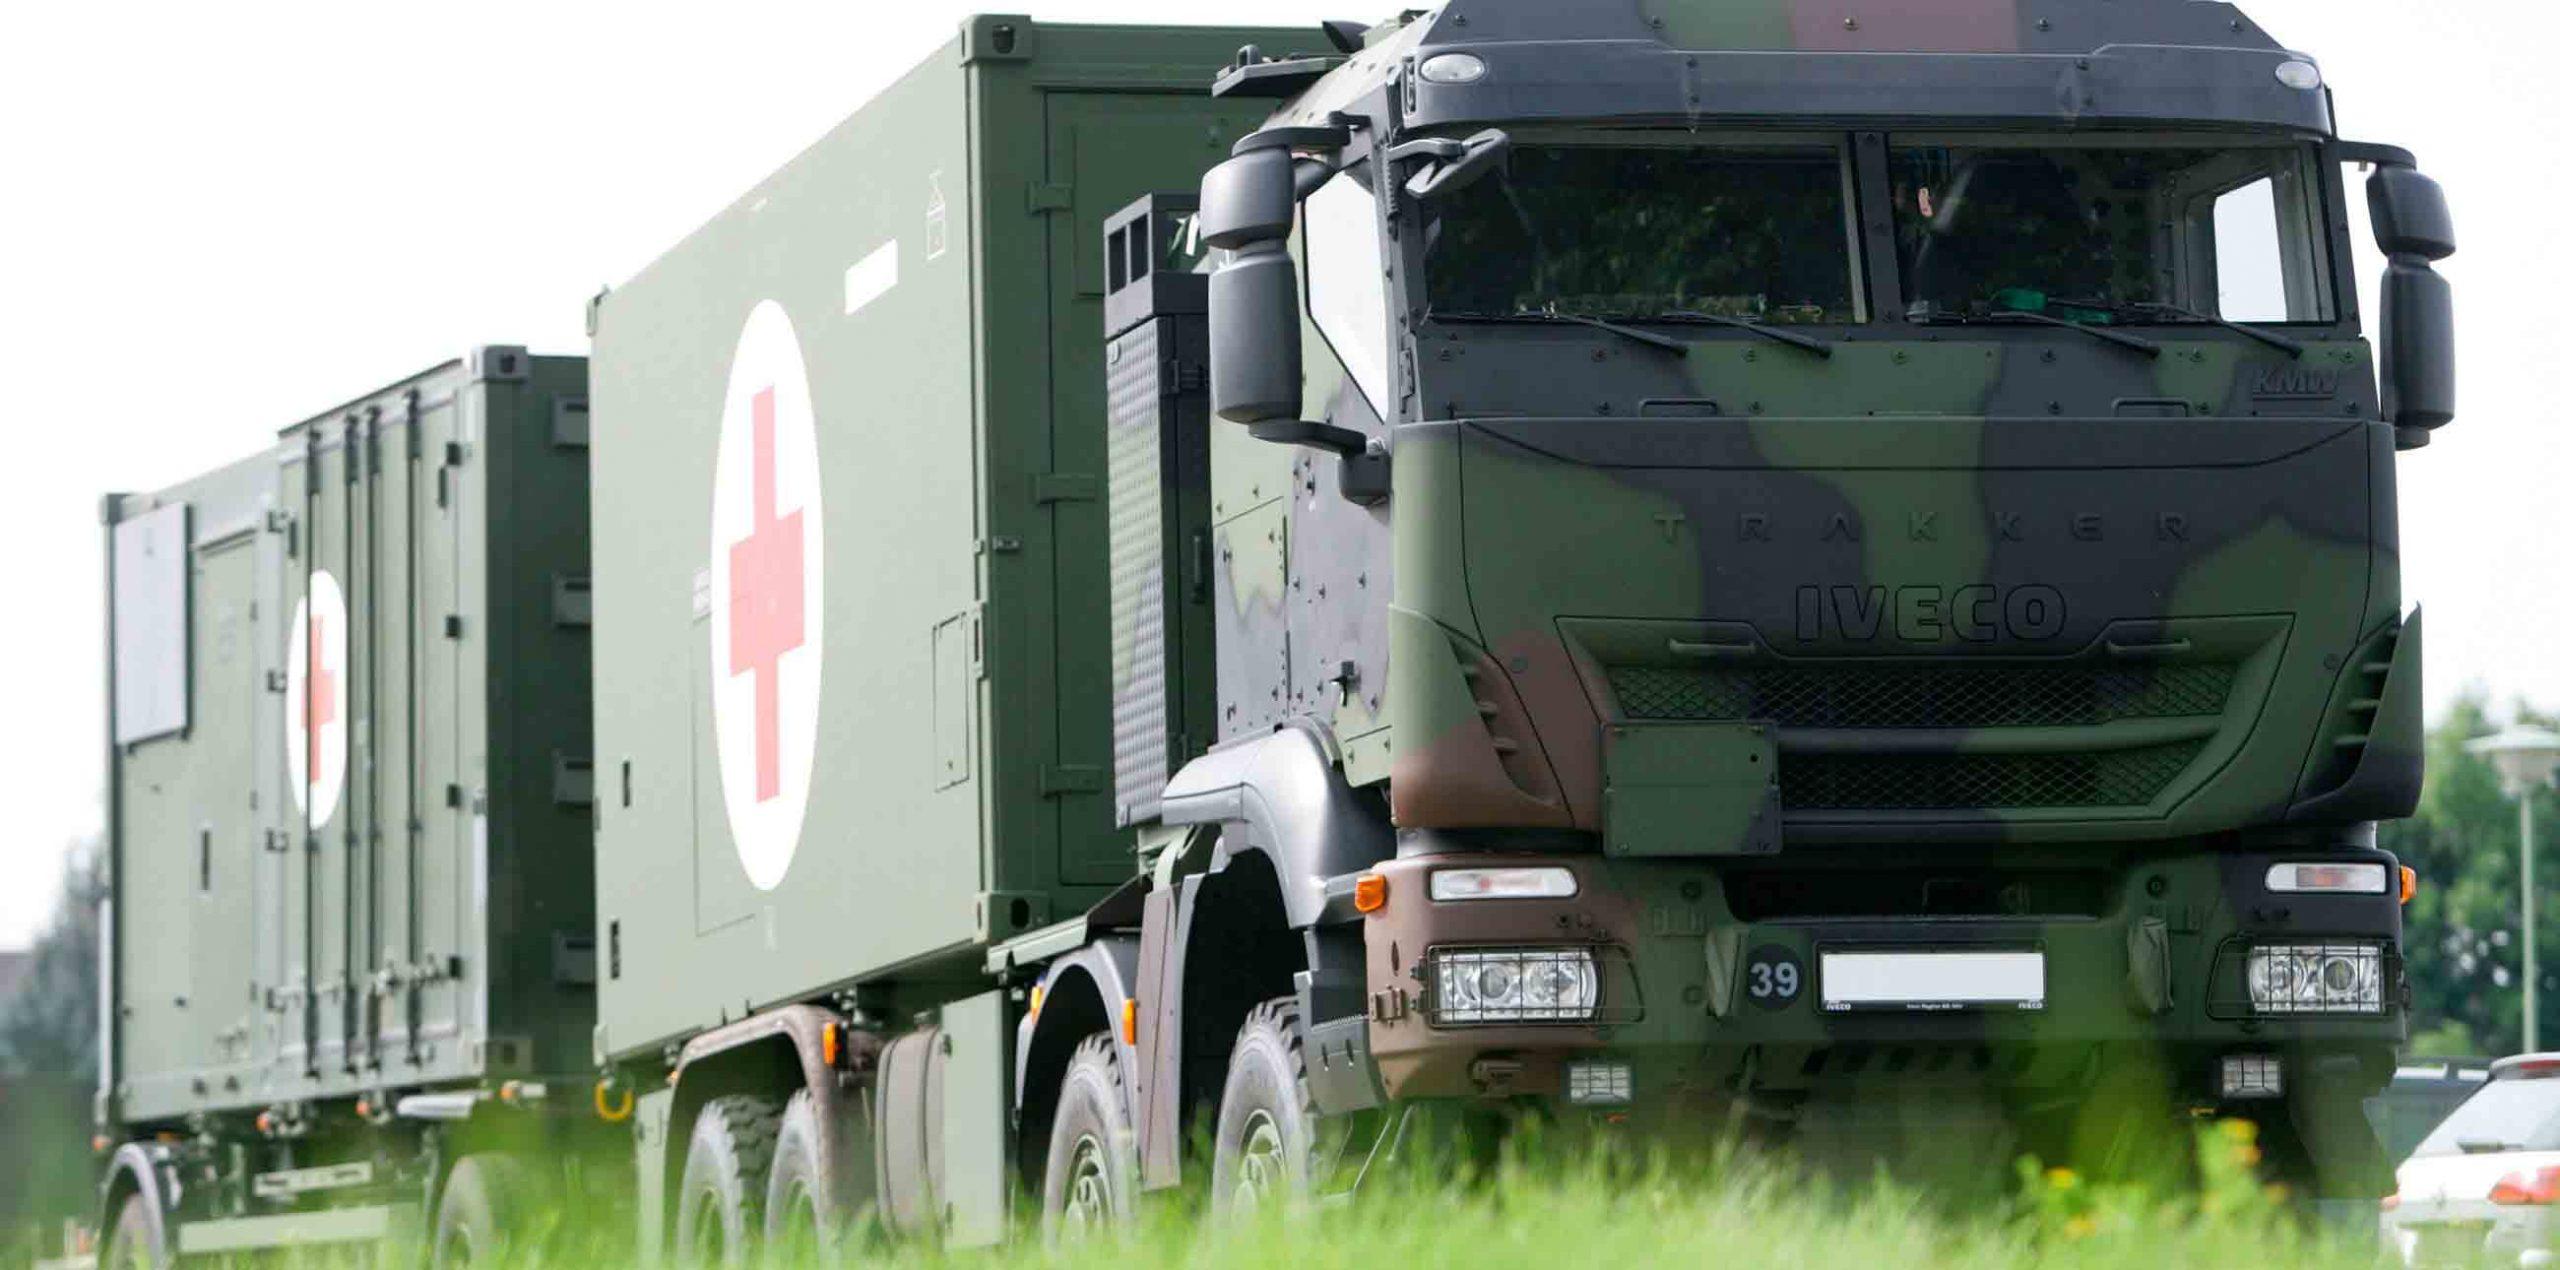 Iveco fornecerá 1.048 caminhões blindados 8×8 ao Exército Alemão. Foto: Divulgação